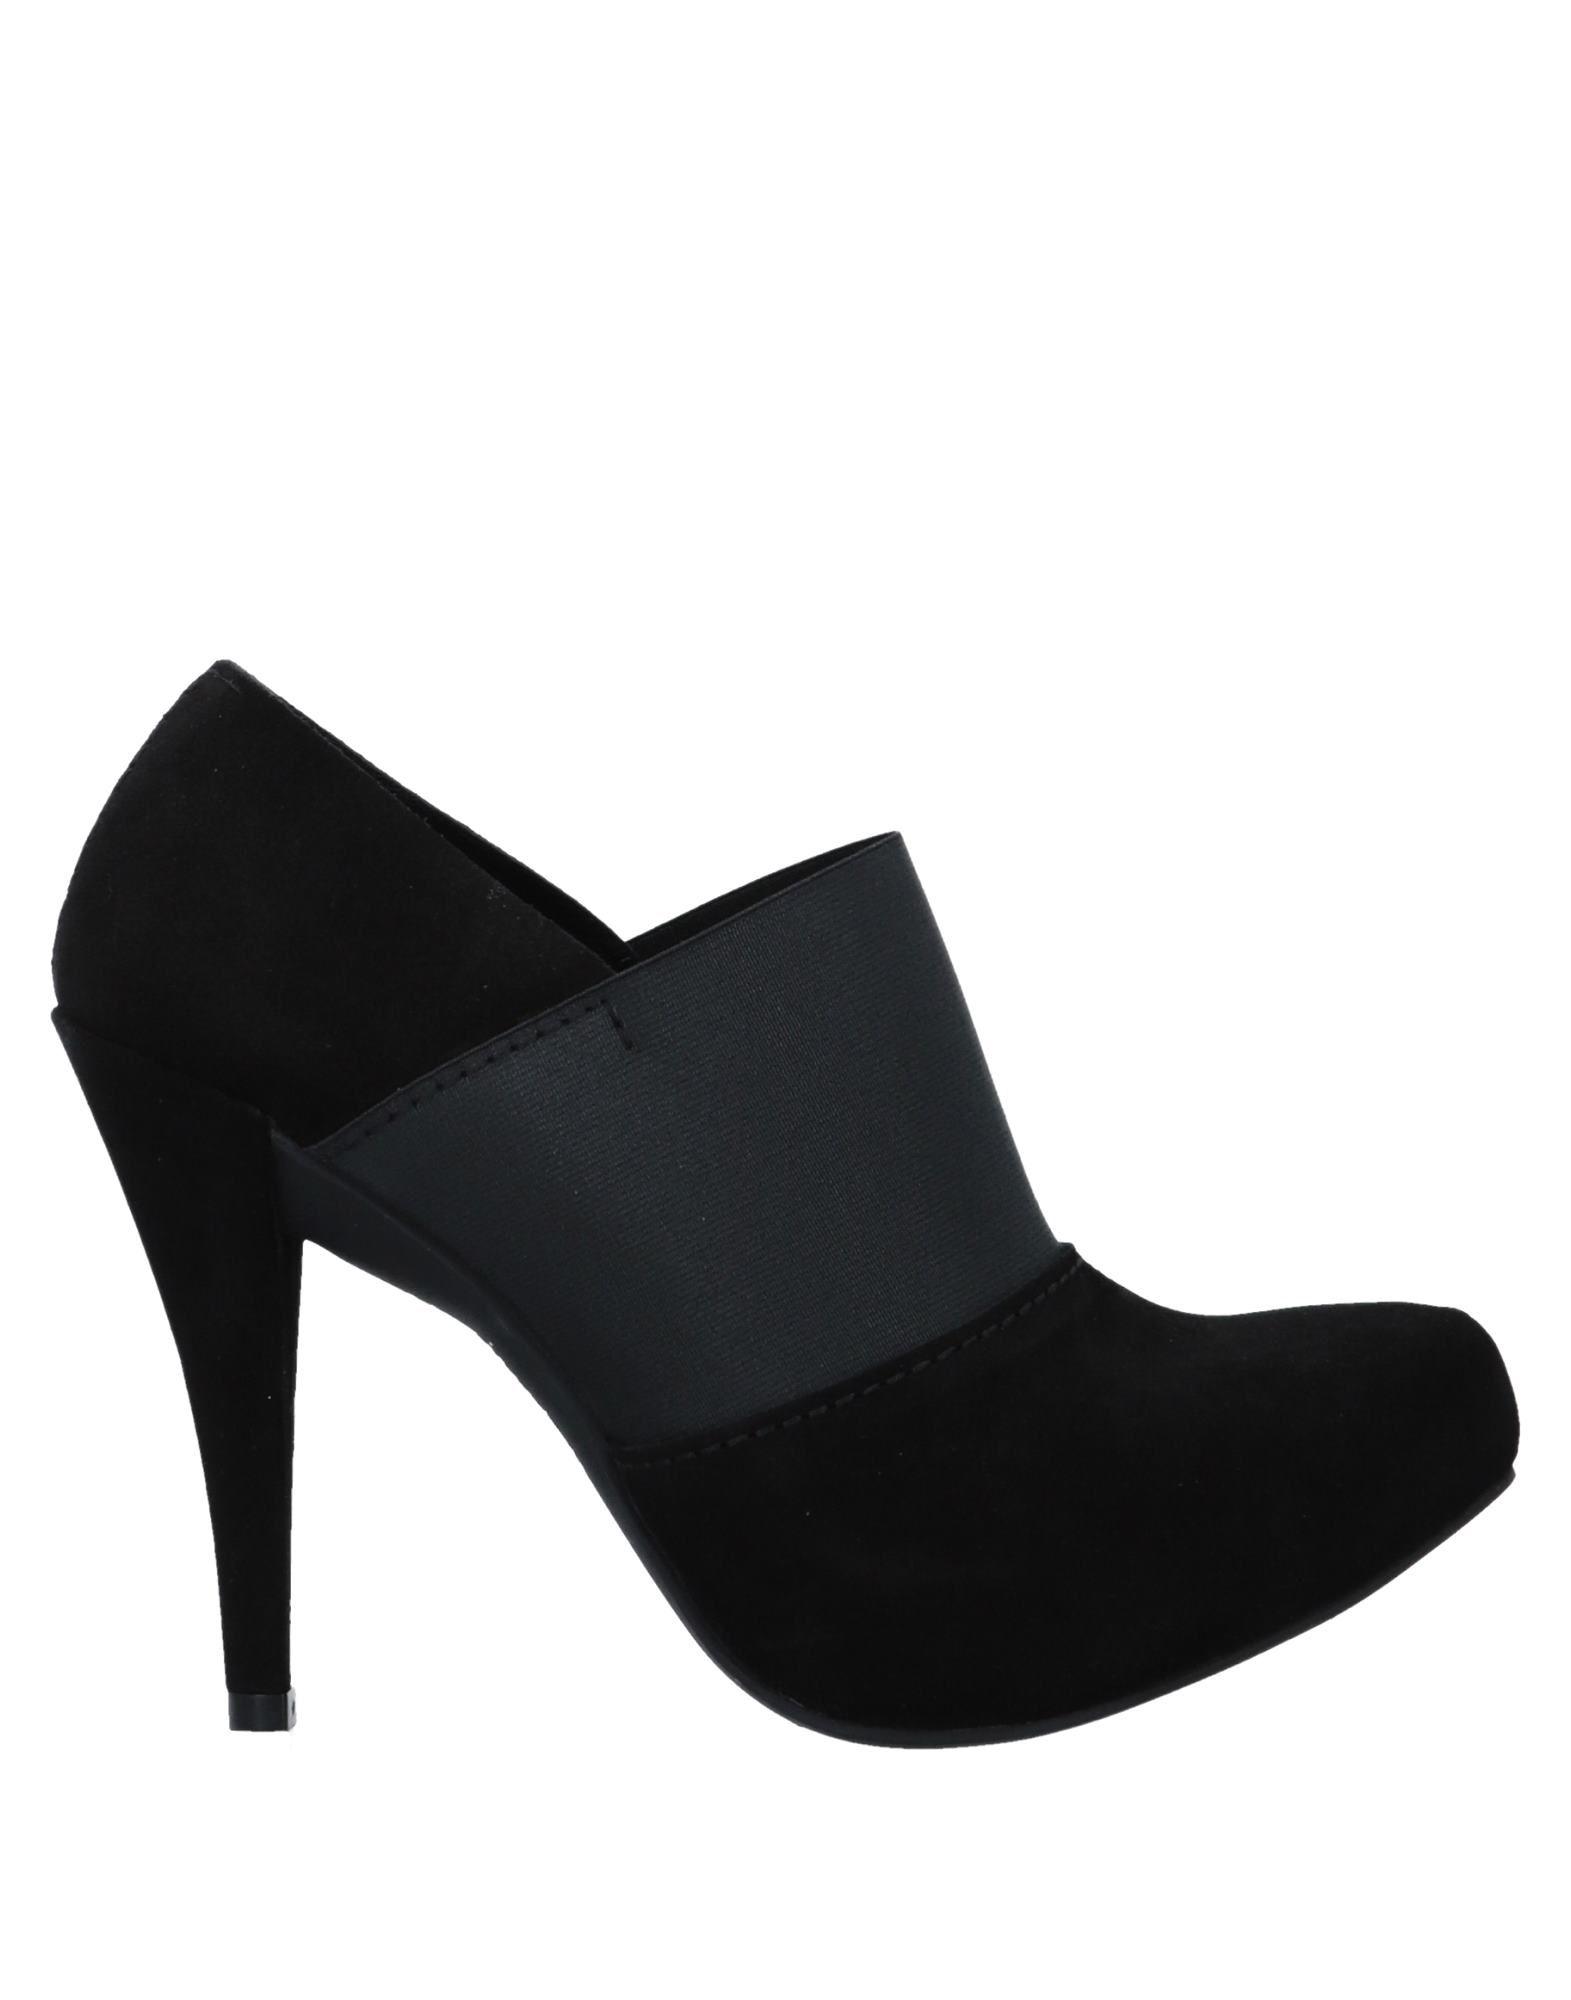 Pedro García Stiefelette Damen  11519923WX Beliebte Schuhe Schuhe Schuhe 1d88b3